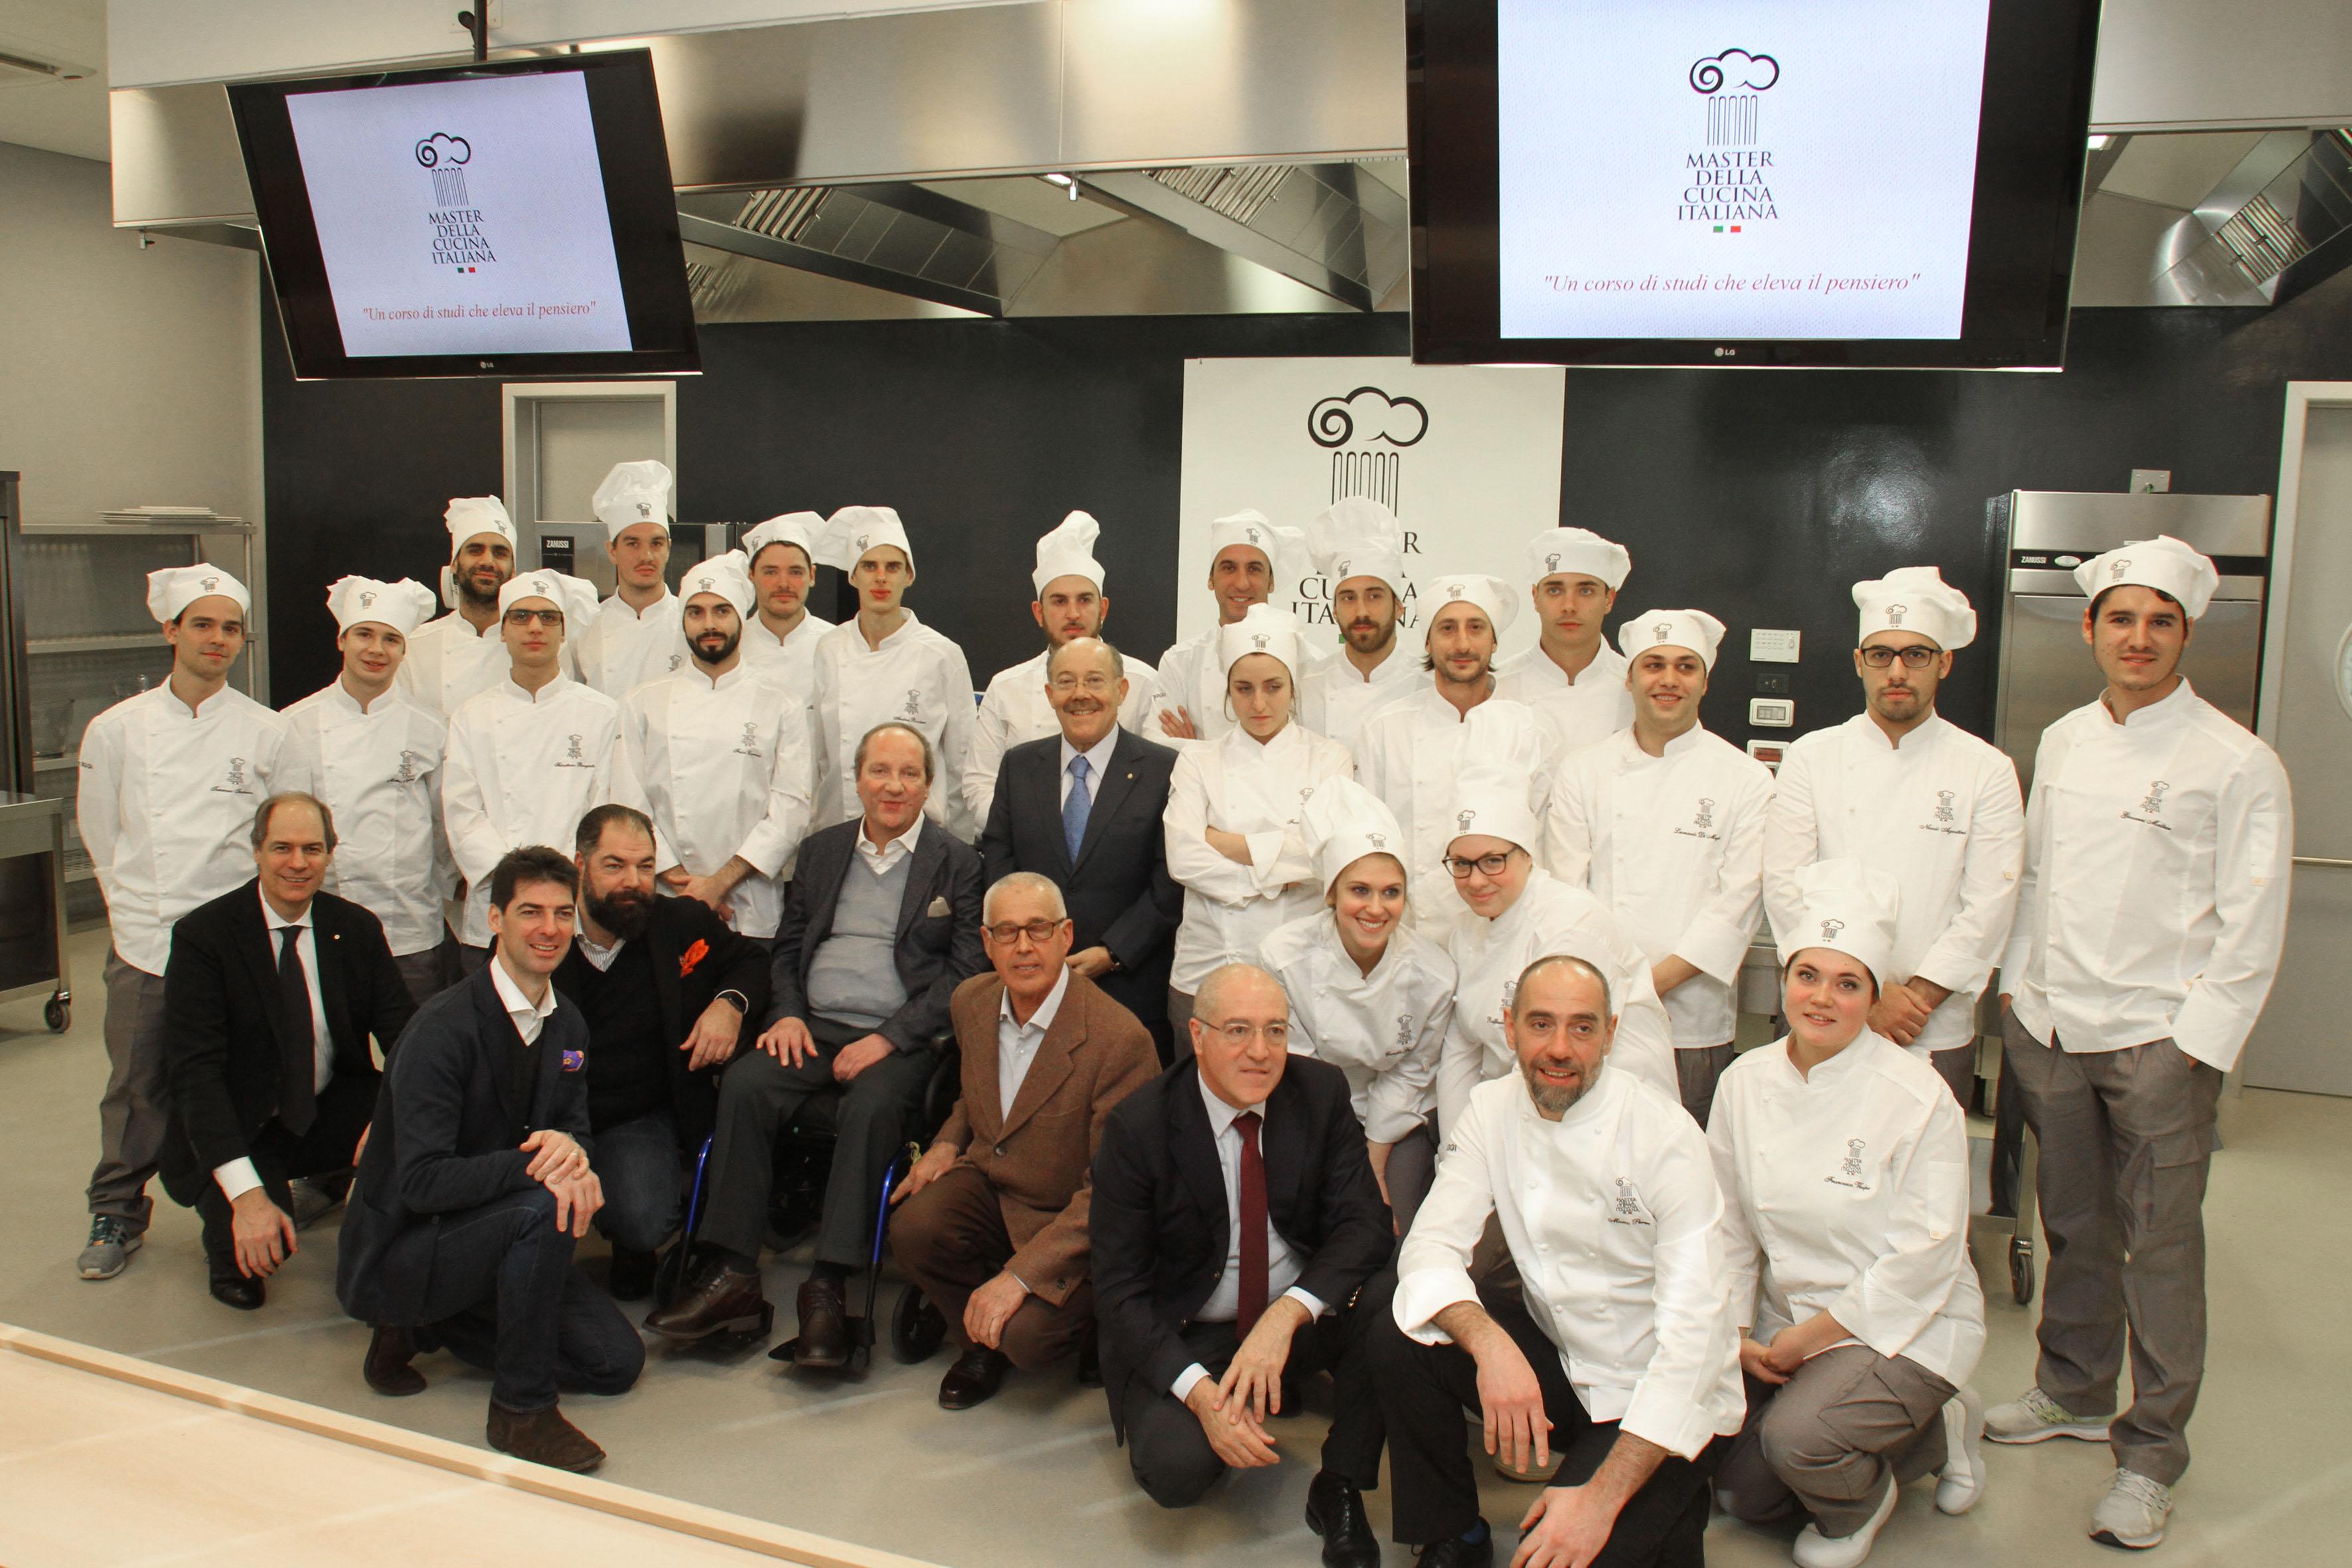 master della cucina italiana esac, alajmo in cattedra - salsa ... - Master Cucina Italiana